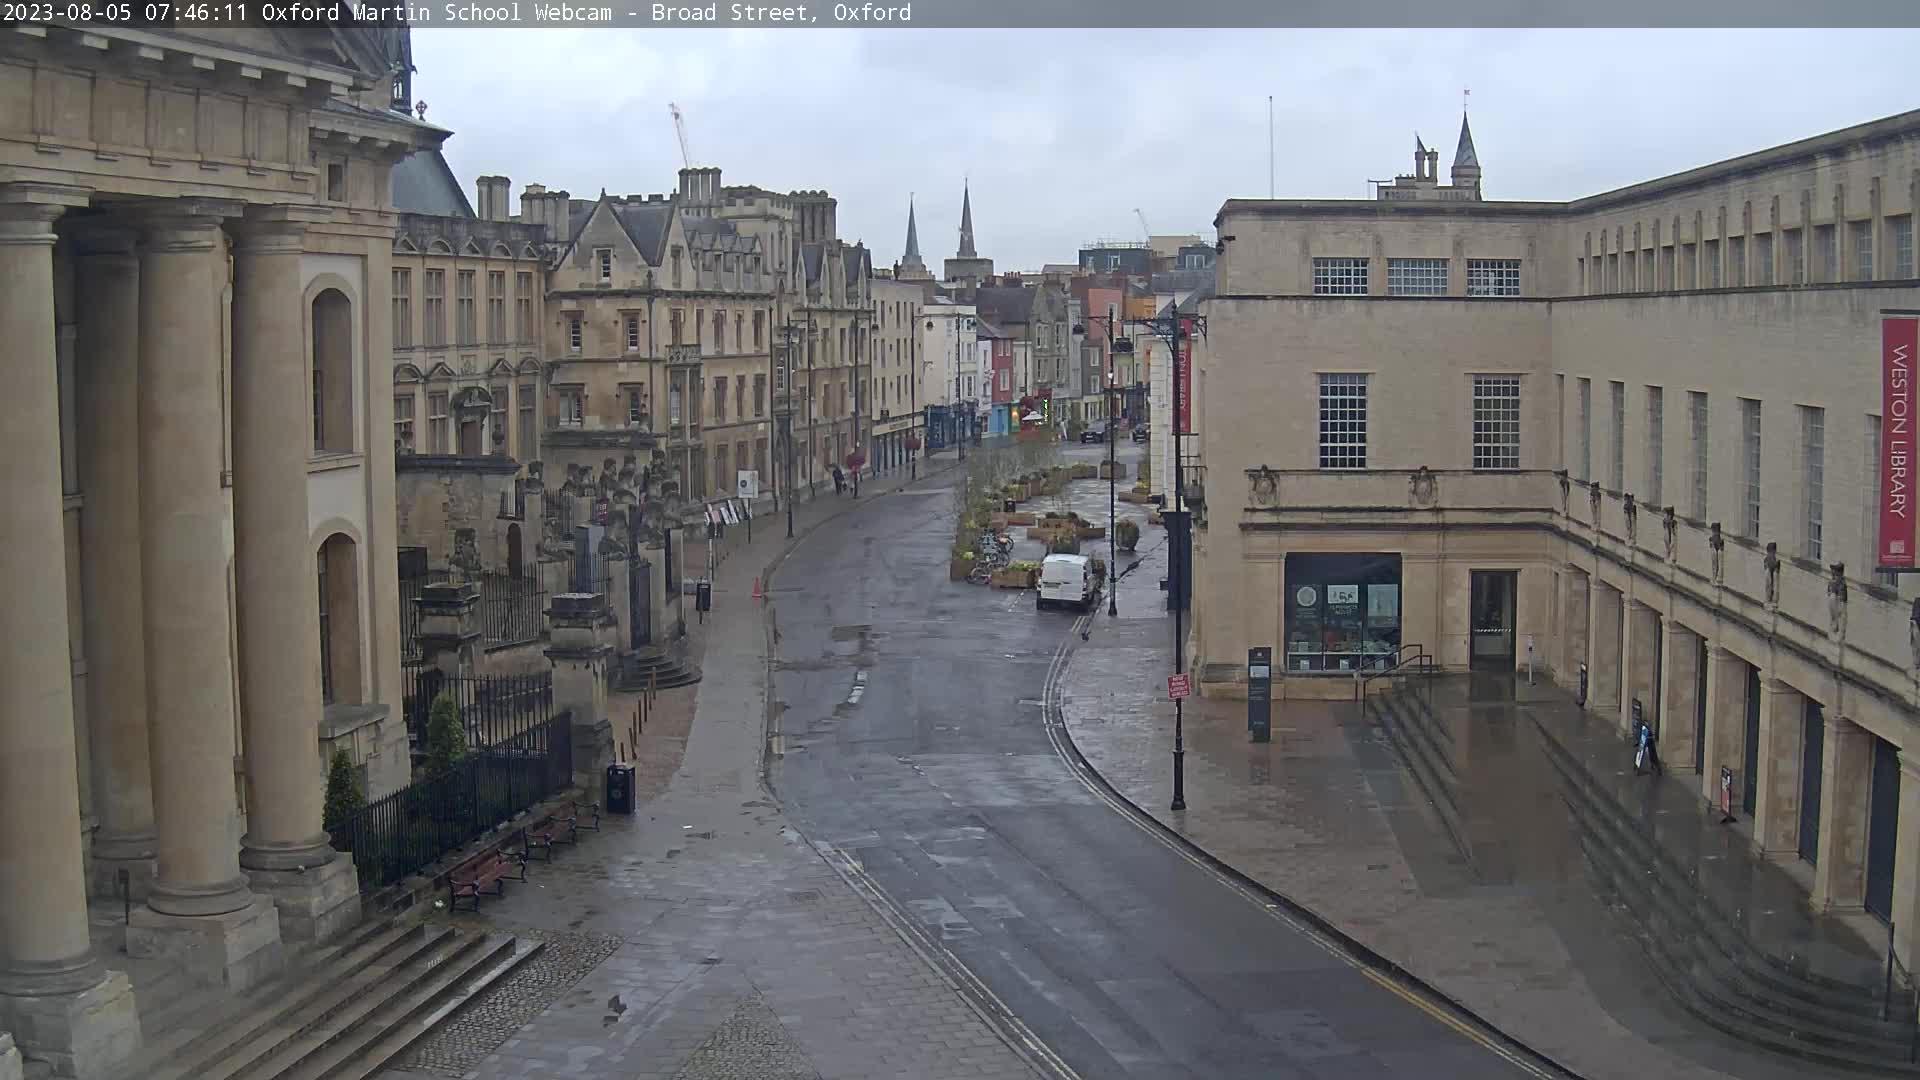 Oxford Sun. 07:46